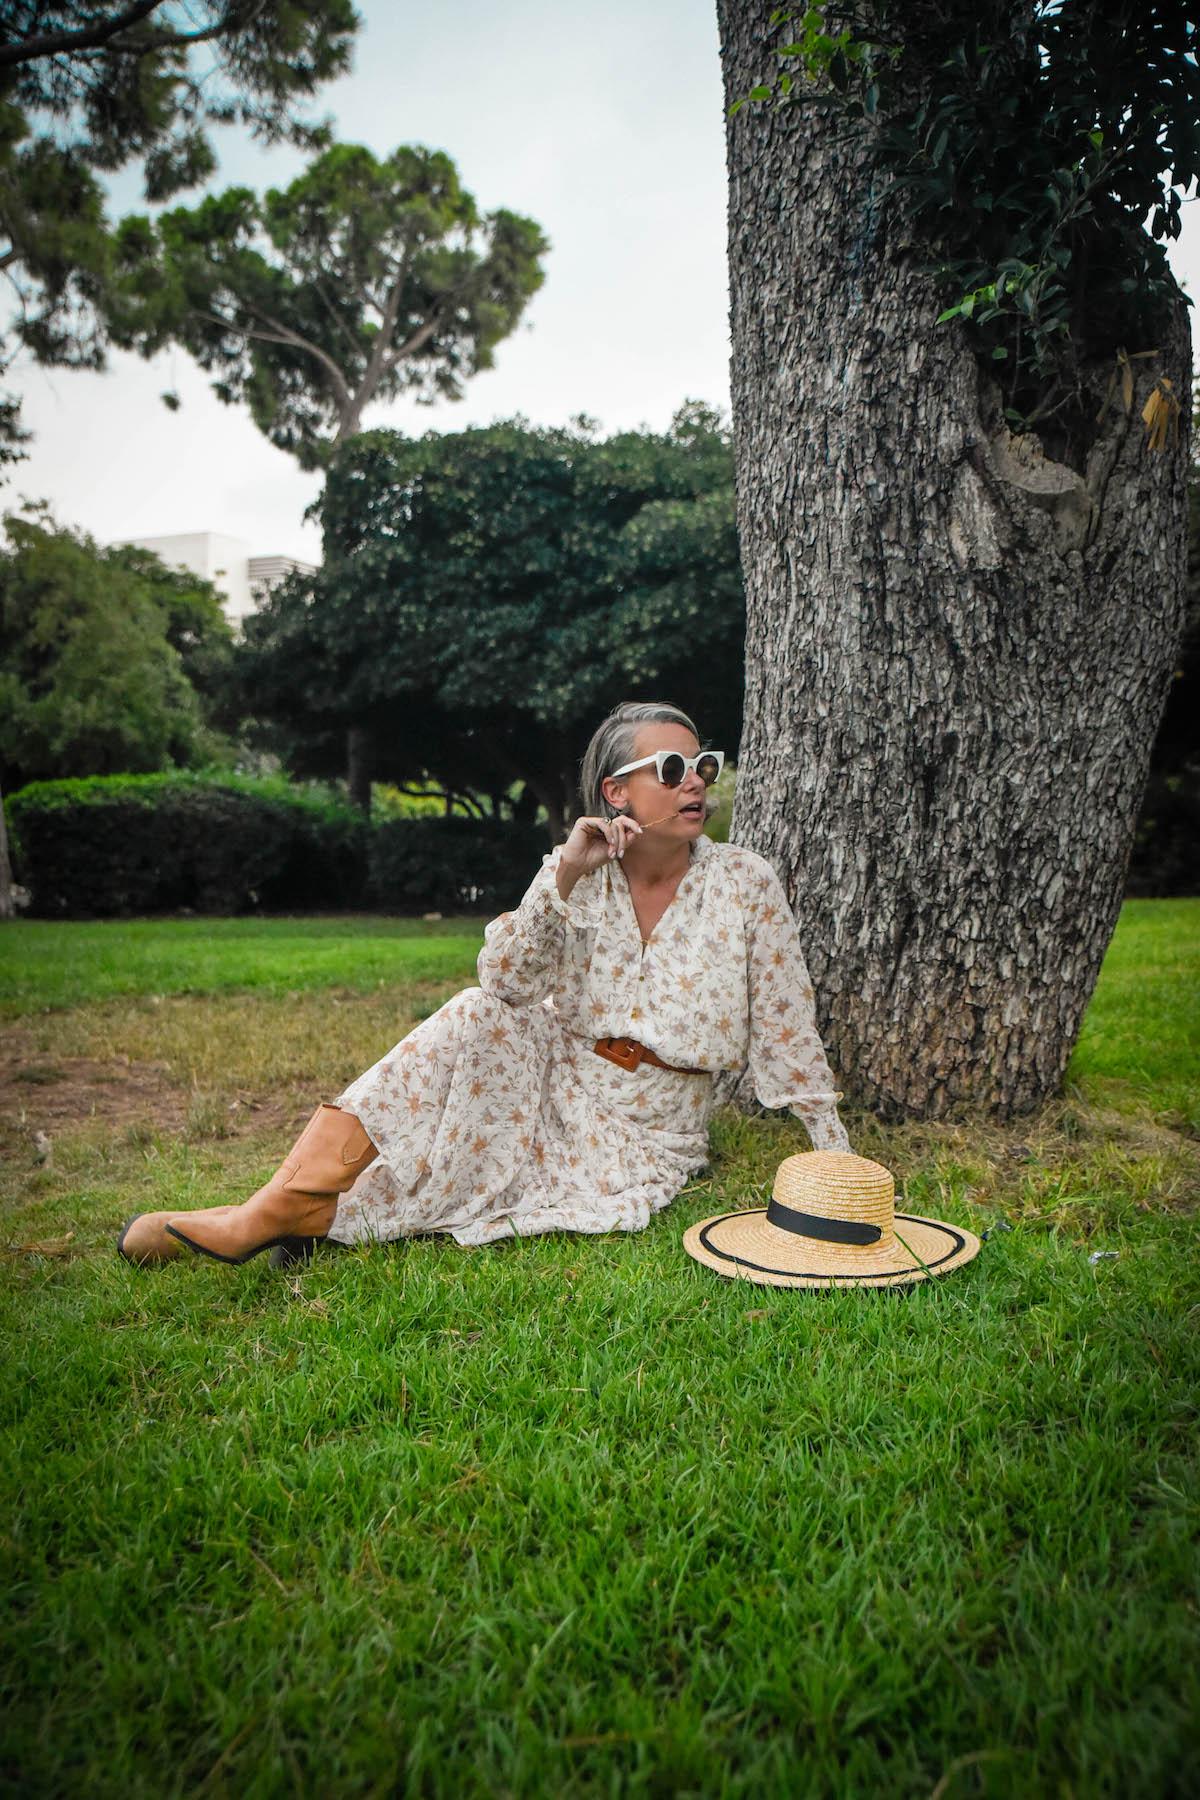 גן מניה שוחט שמלת מקסי פרחונית גולף שירי ויצנר בלוג חיפאית4